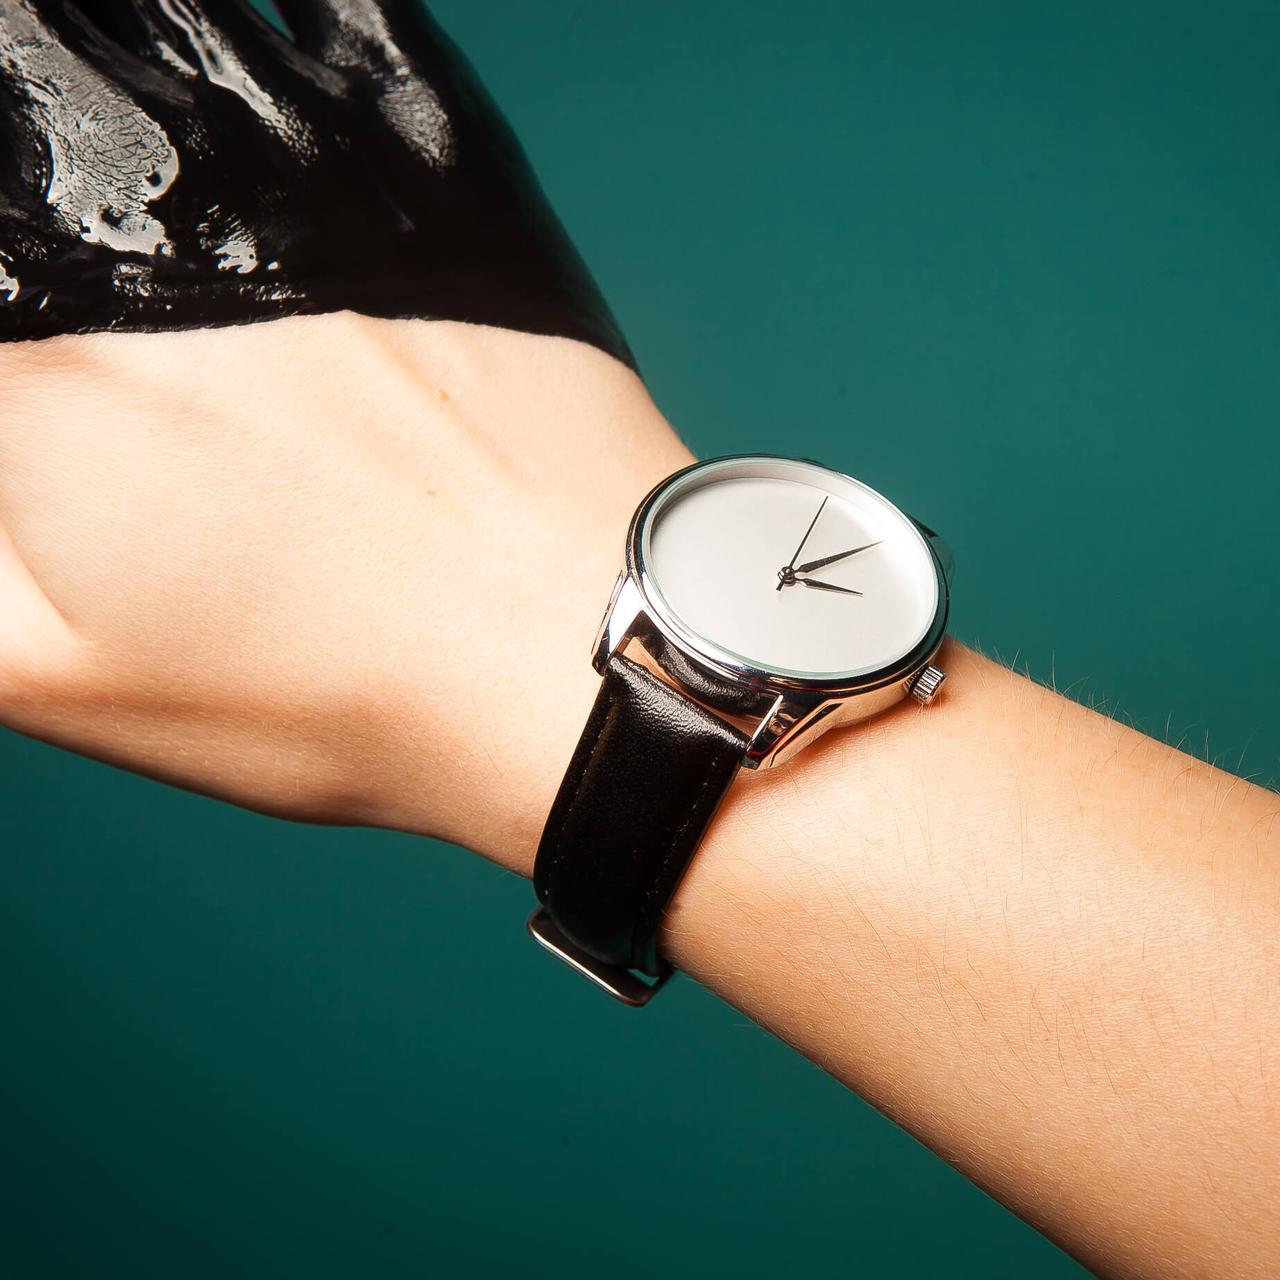 Годинник ZIZ Мінімалізм (ремінець насичено - чорний, срібло) + додатковий ремінець